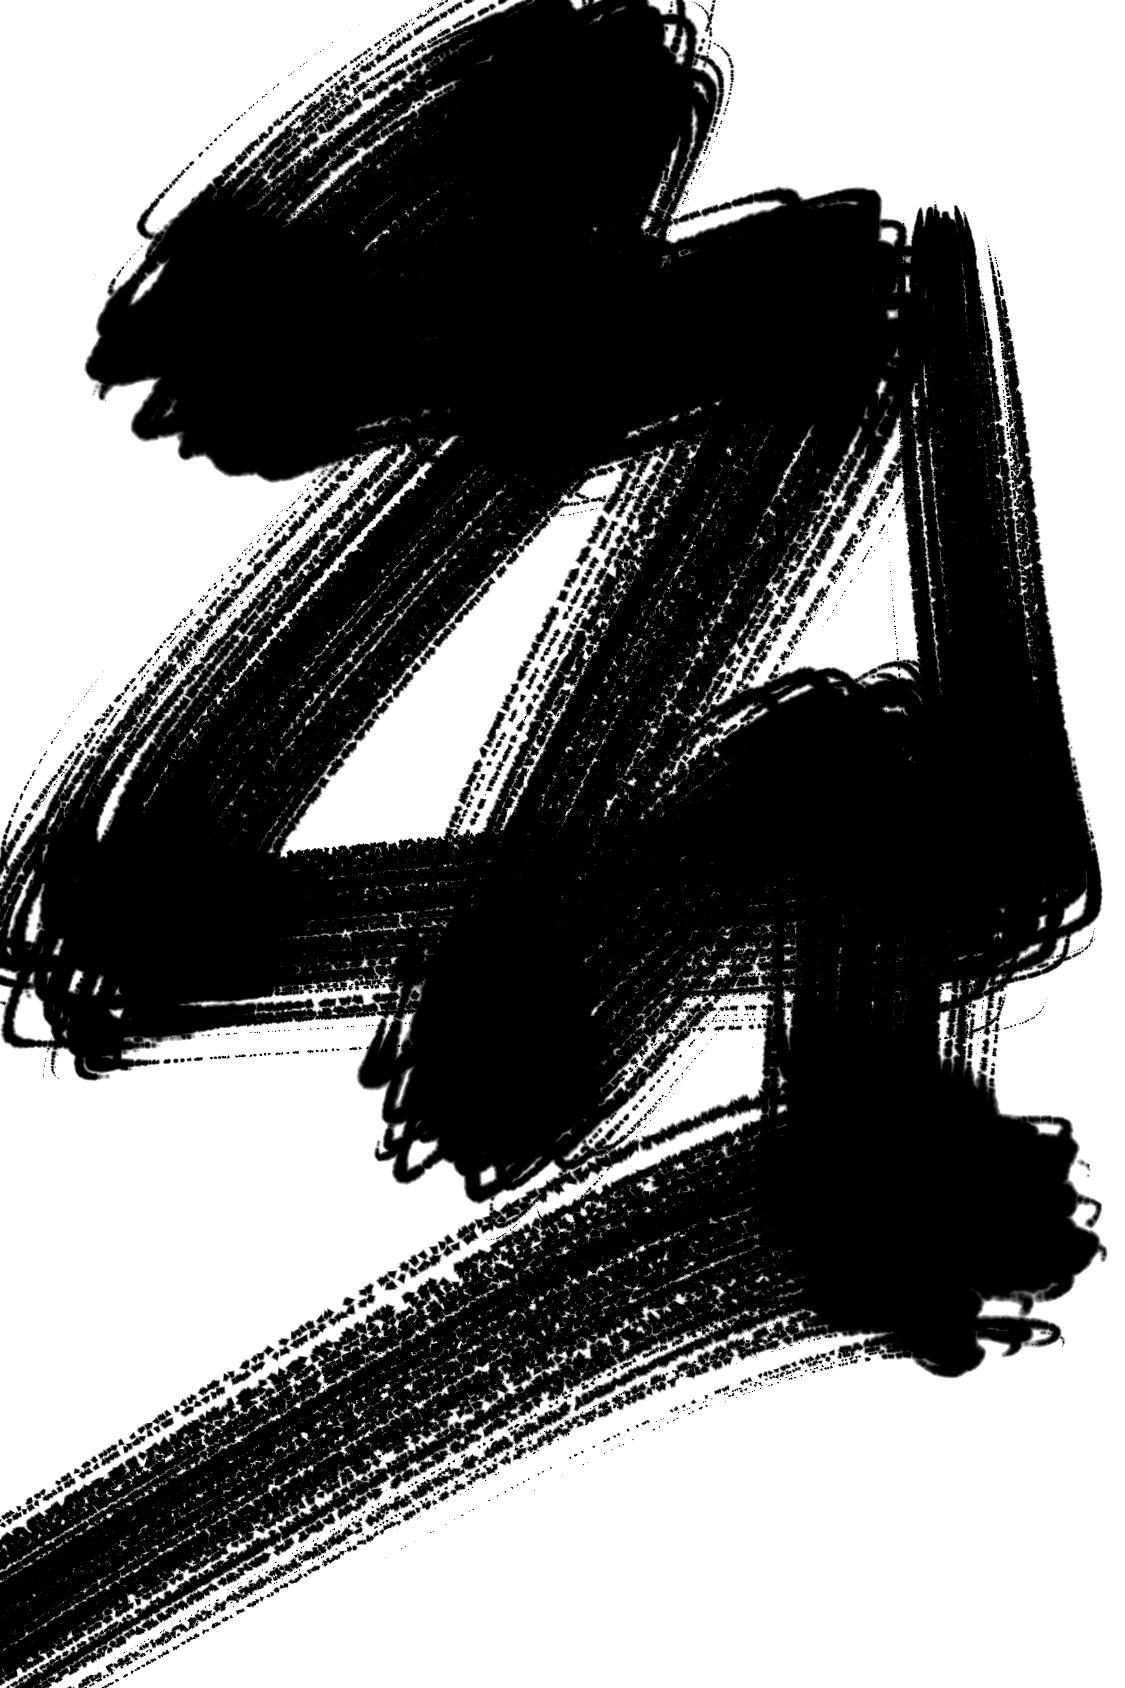 abstract zen brush calligraphy